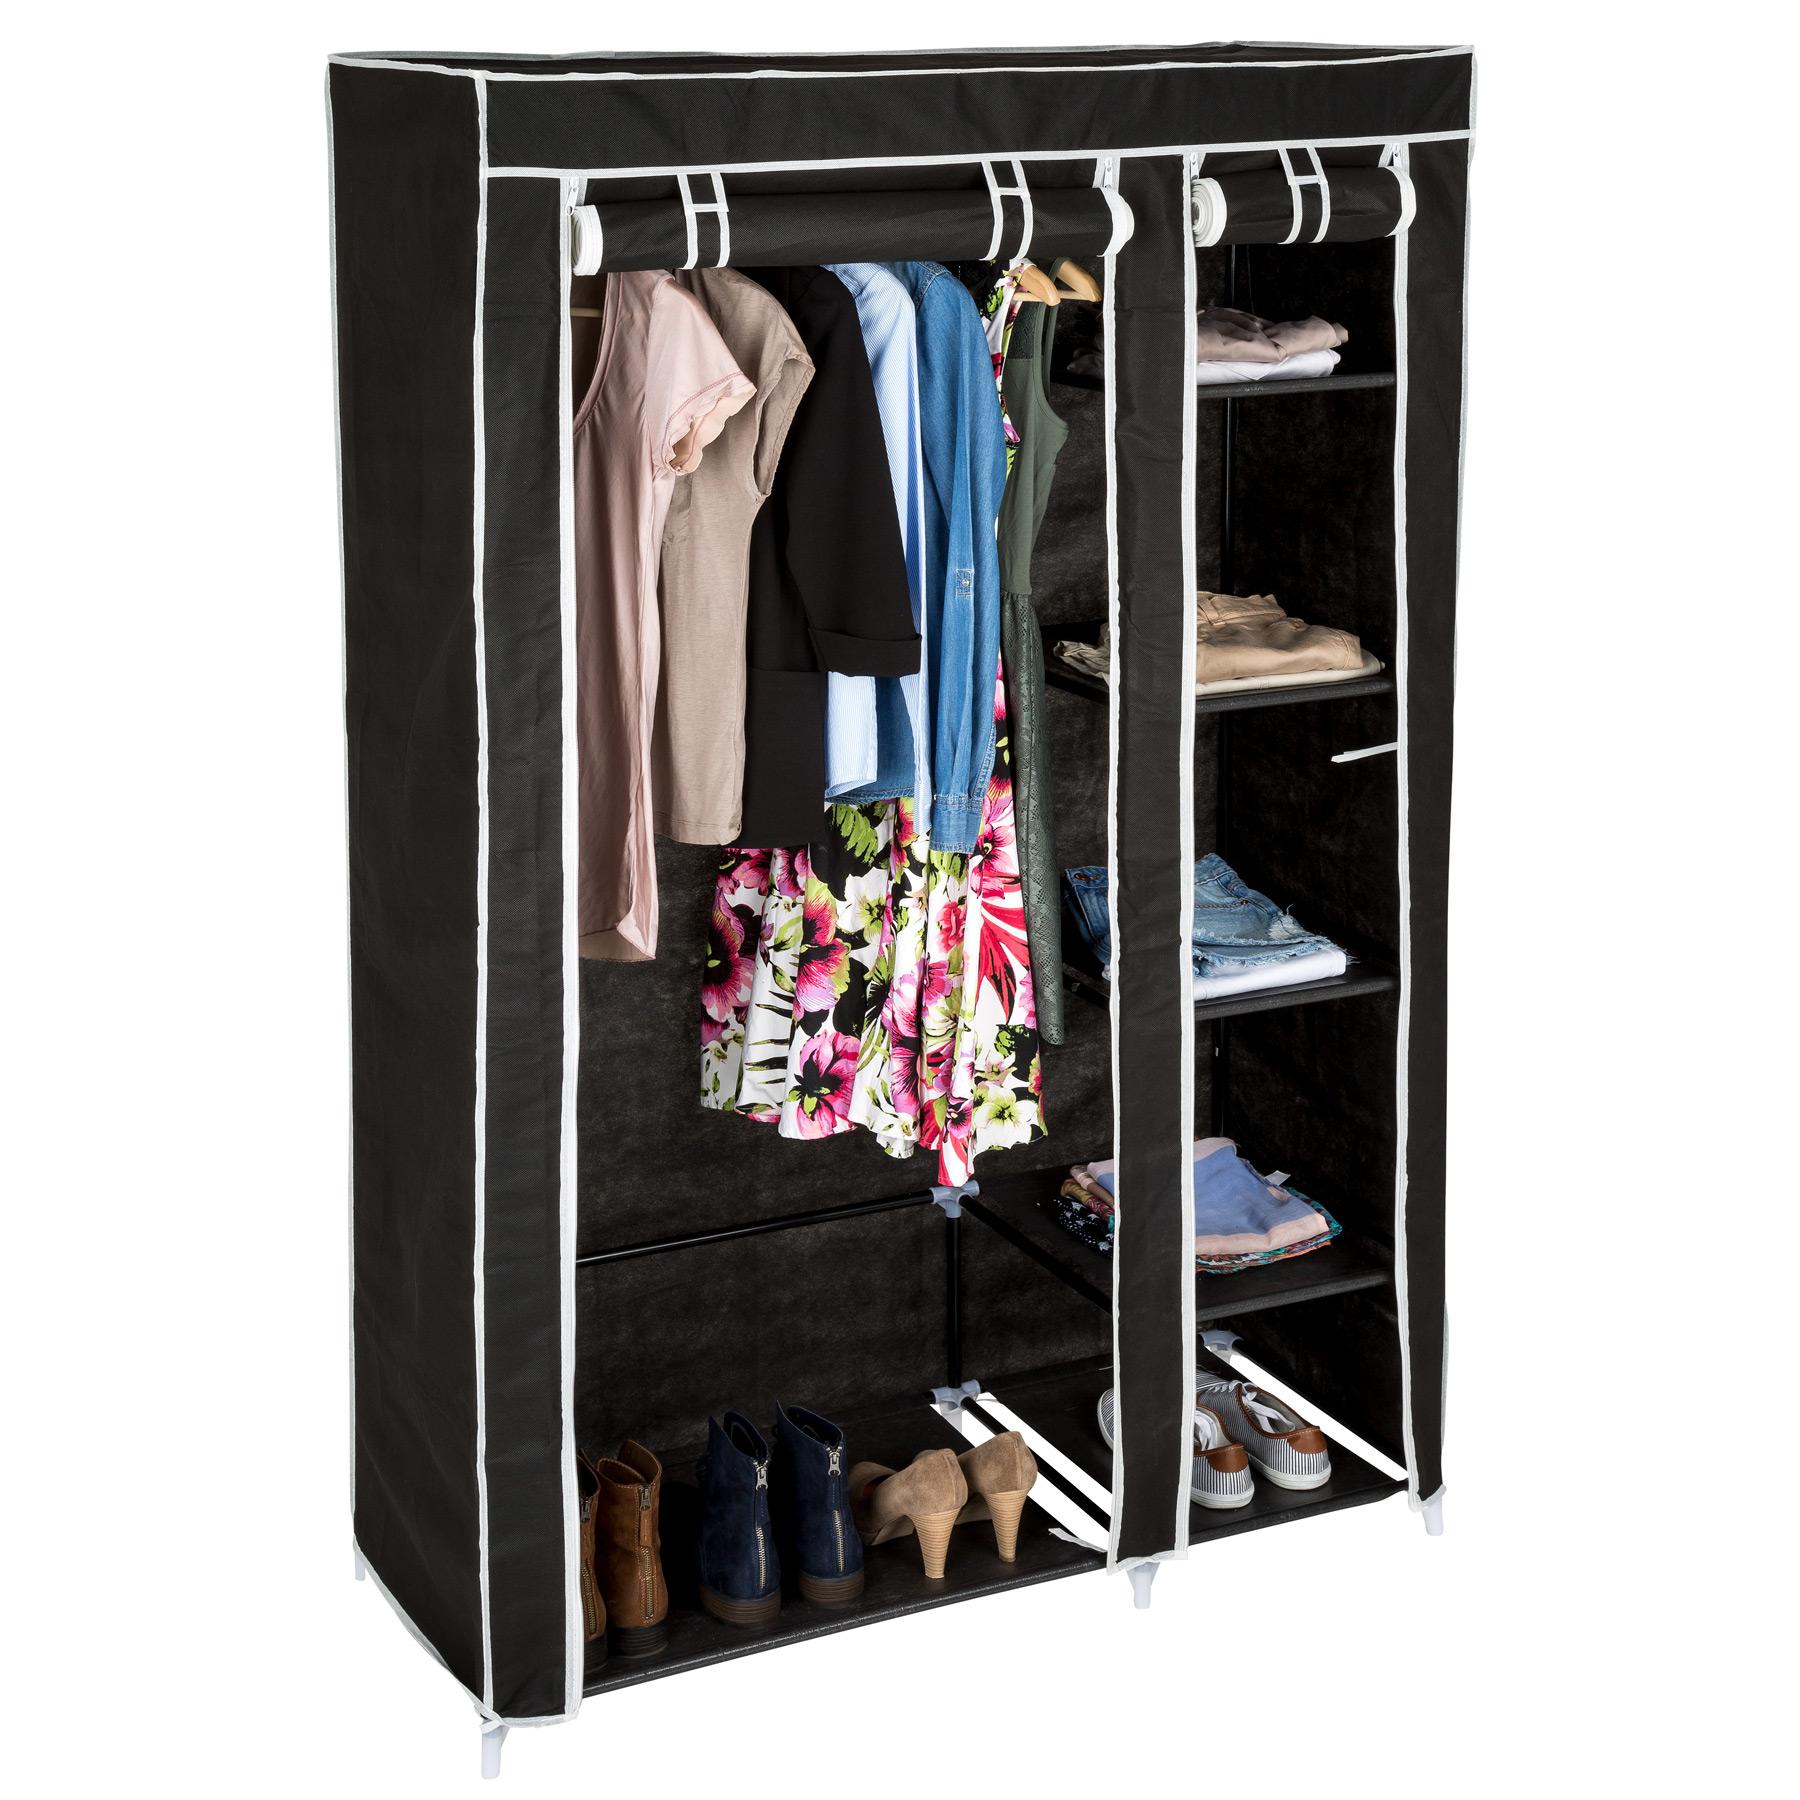 stoffkleiderschrank faltschrank schuhschrank aus stoff campingschrank garderobe ebay. Black Bedroom Furniture Sets. Home Design Ideas